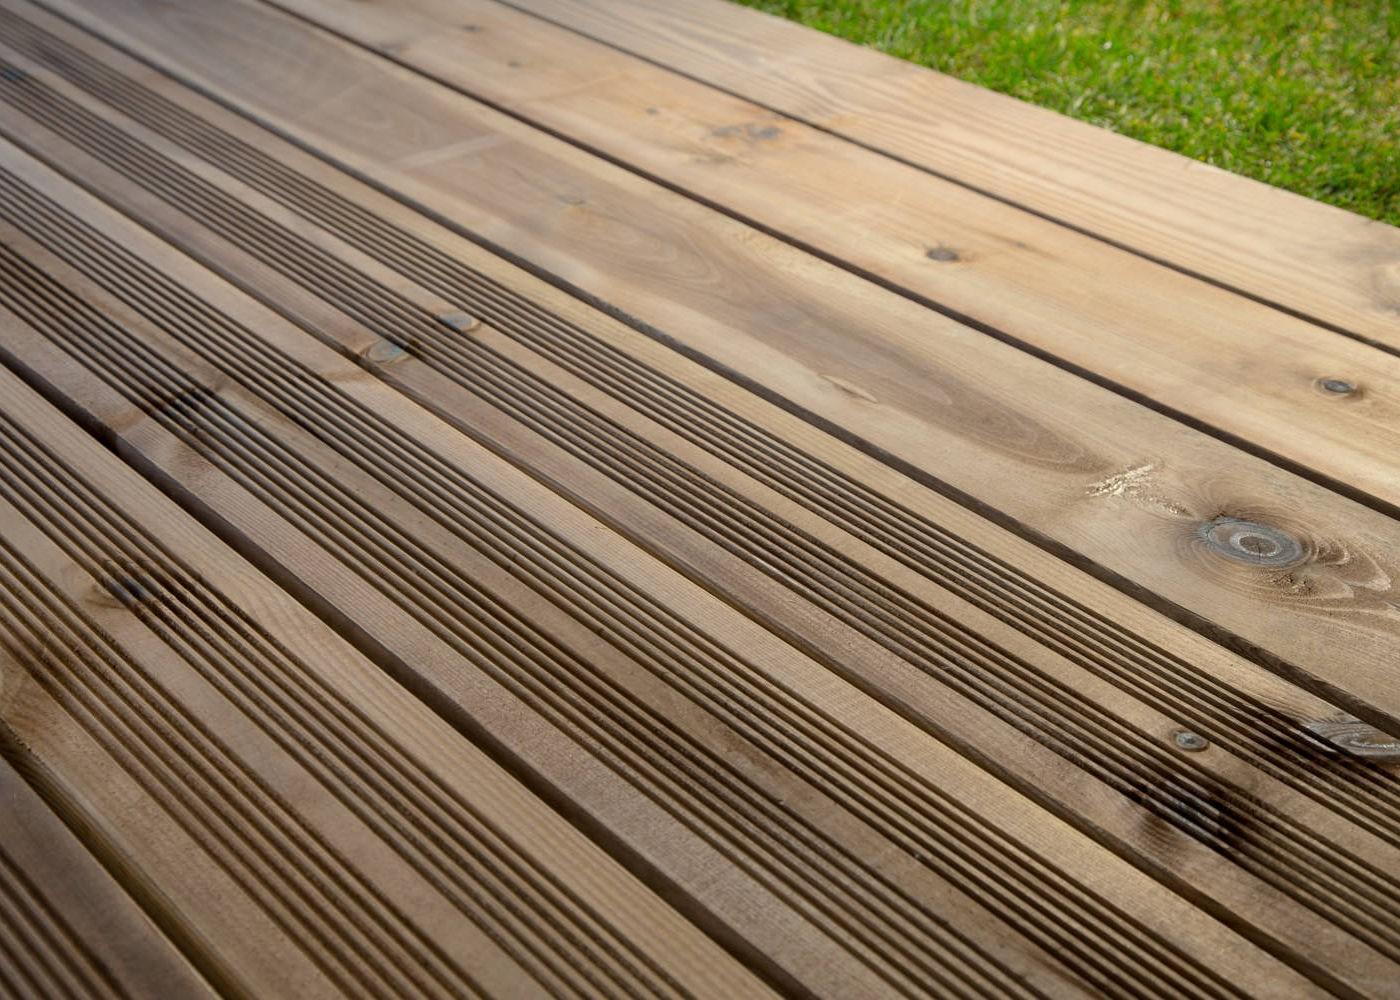 Bois Européen Pin Sylvestre Choix Courant Traitement Autoclave Marron Fixation à Visser 1 Face Lisse 1 Face Antidérapante Profil Peigné